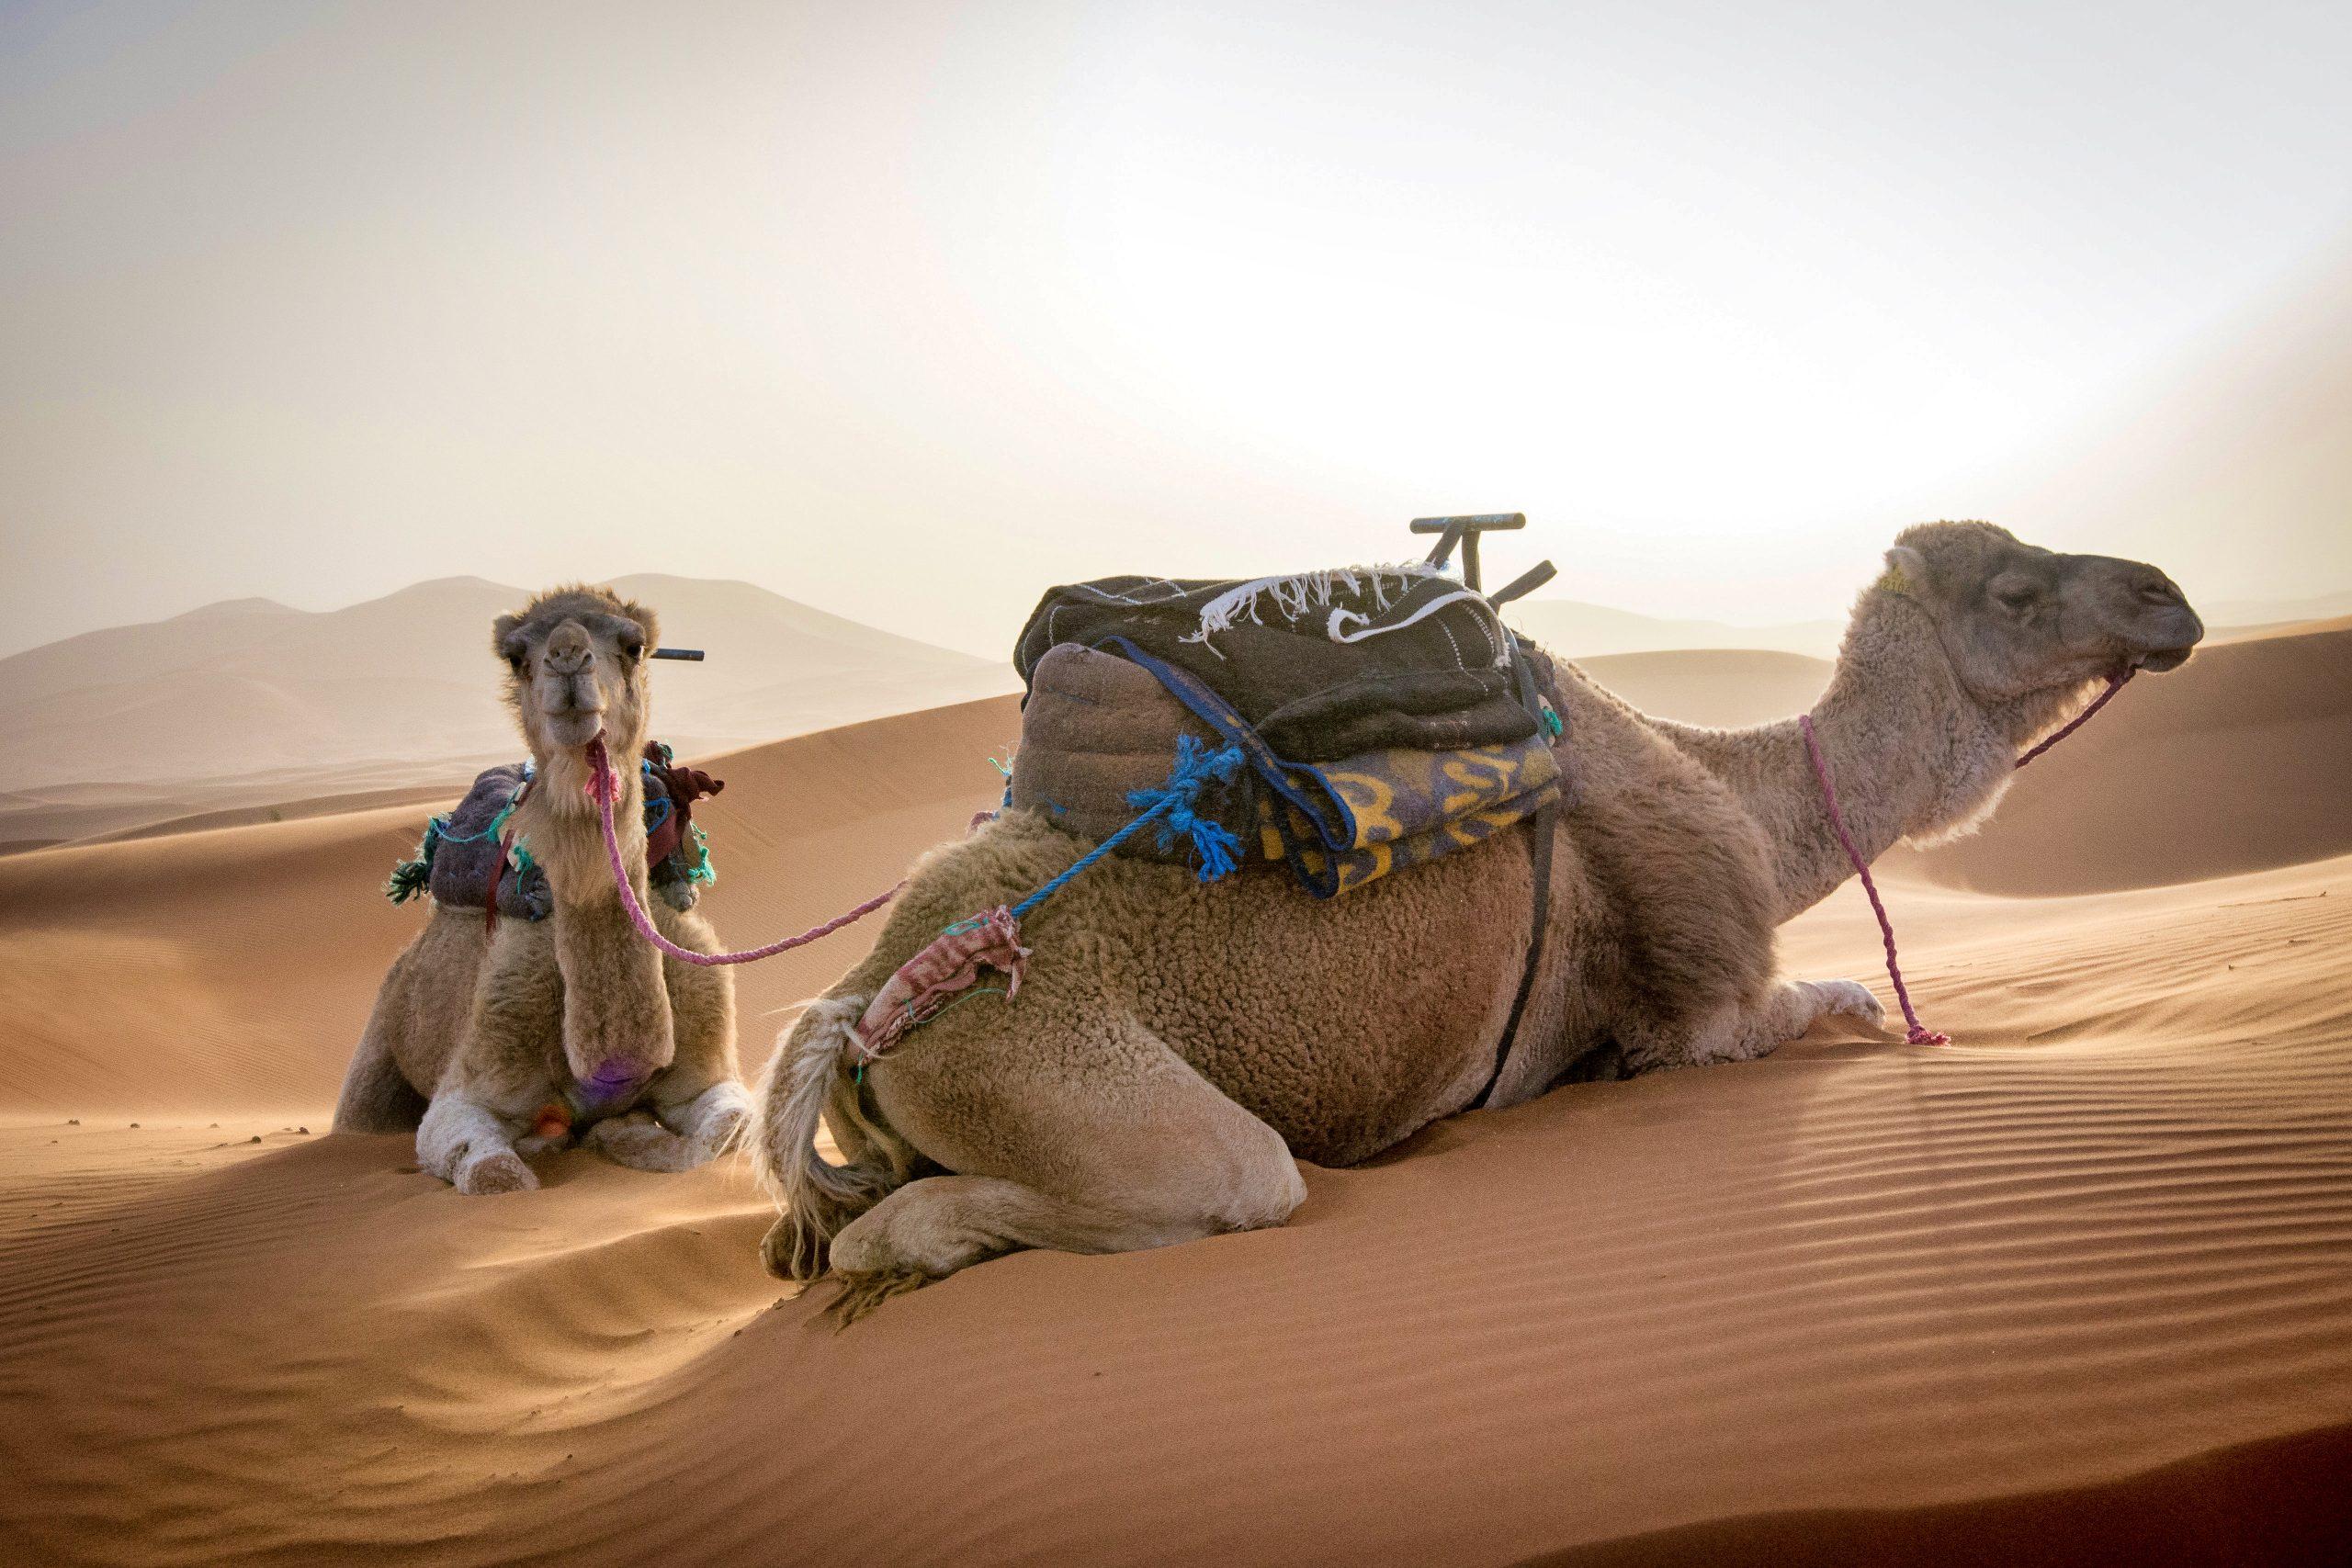 Nejlepší zážitek z Maroka? Noc v poušti Erg Chebbi